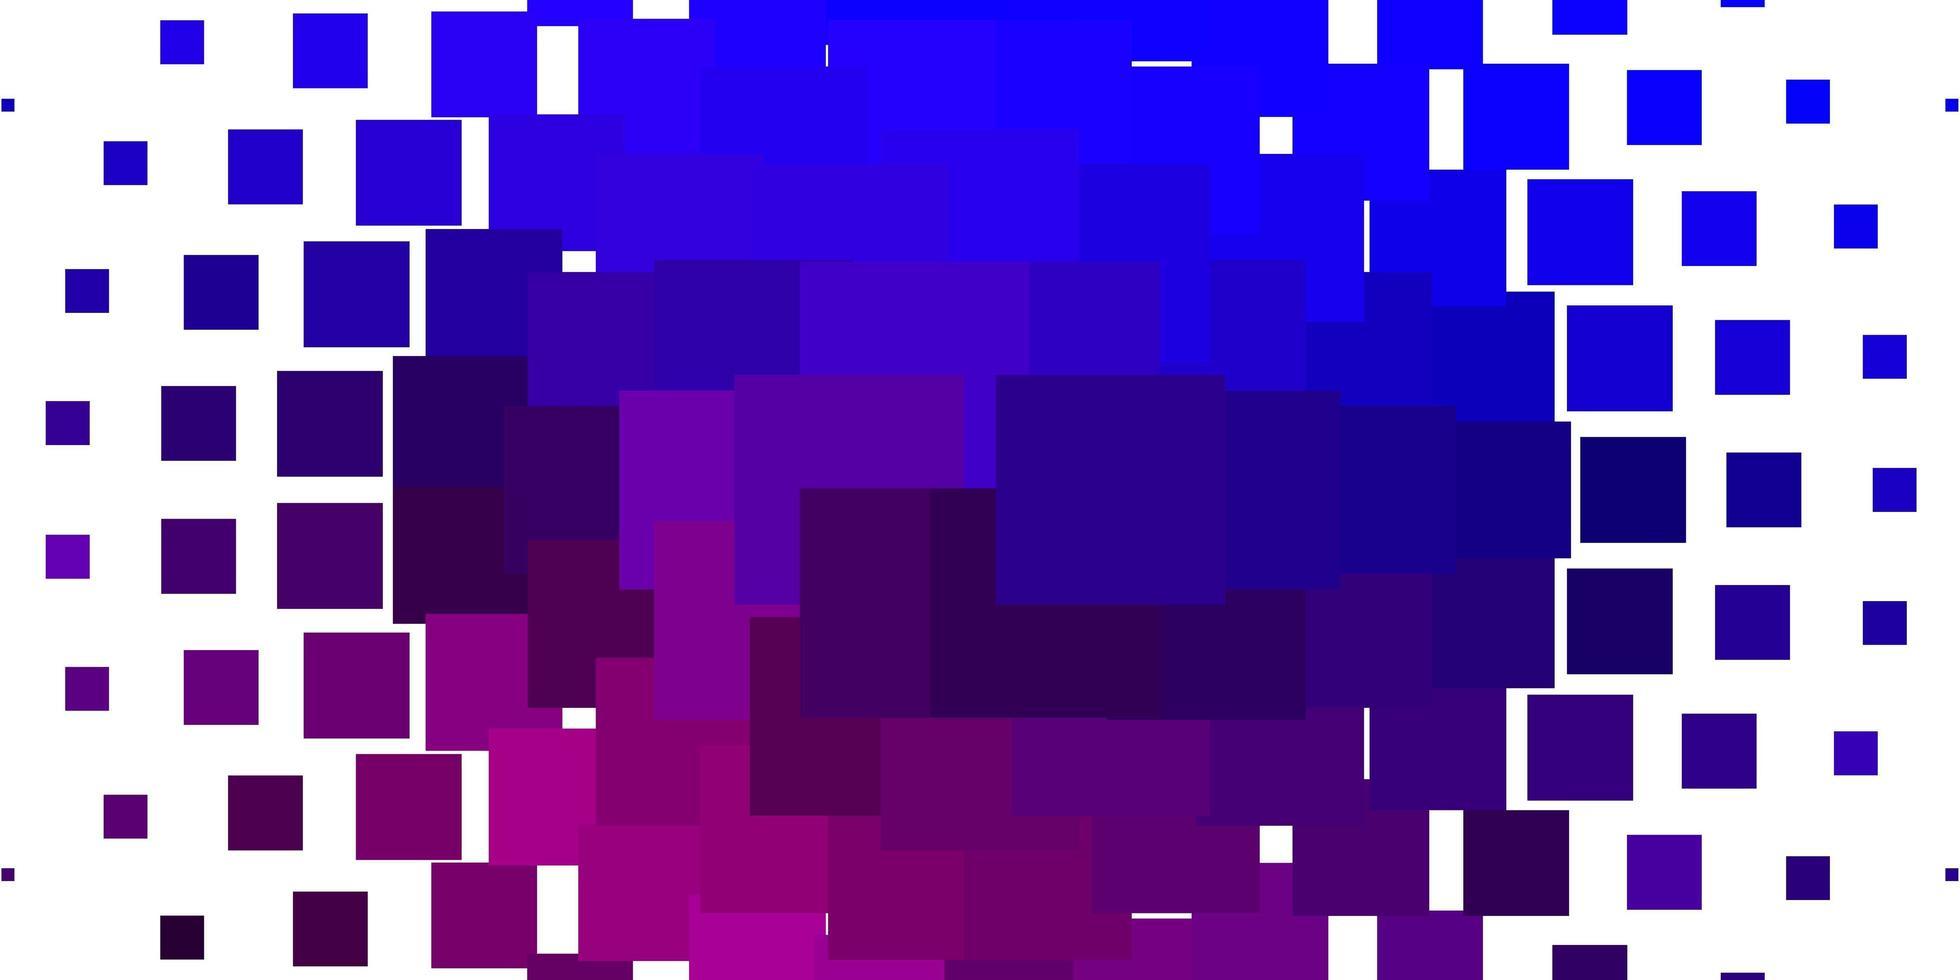 fundo vector azul e vermelho claro com retângulos.